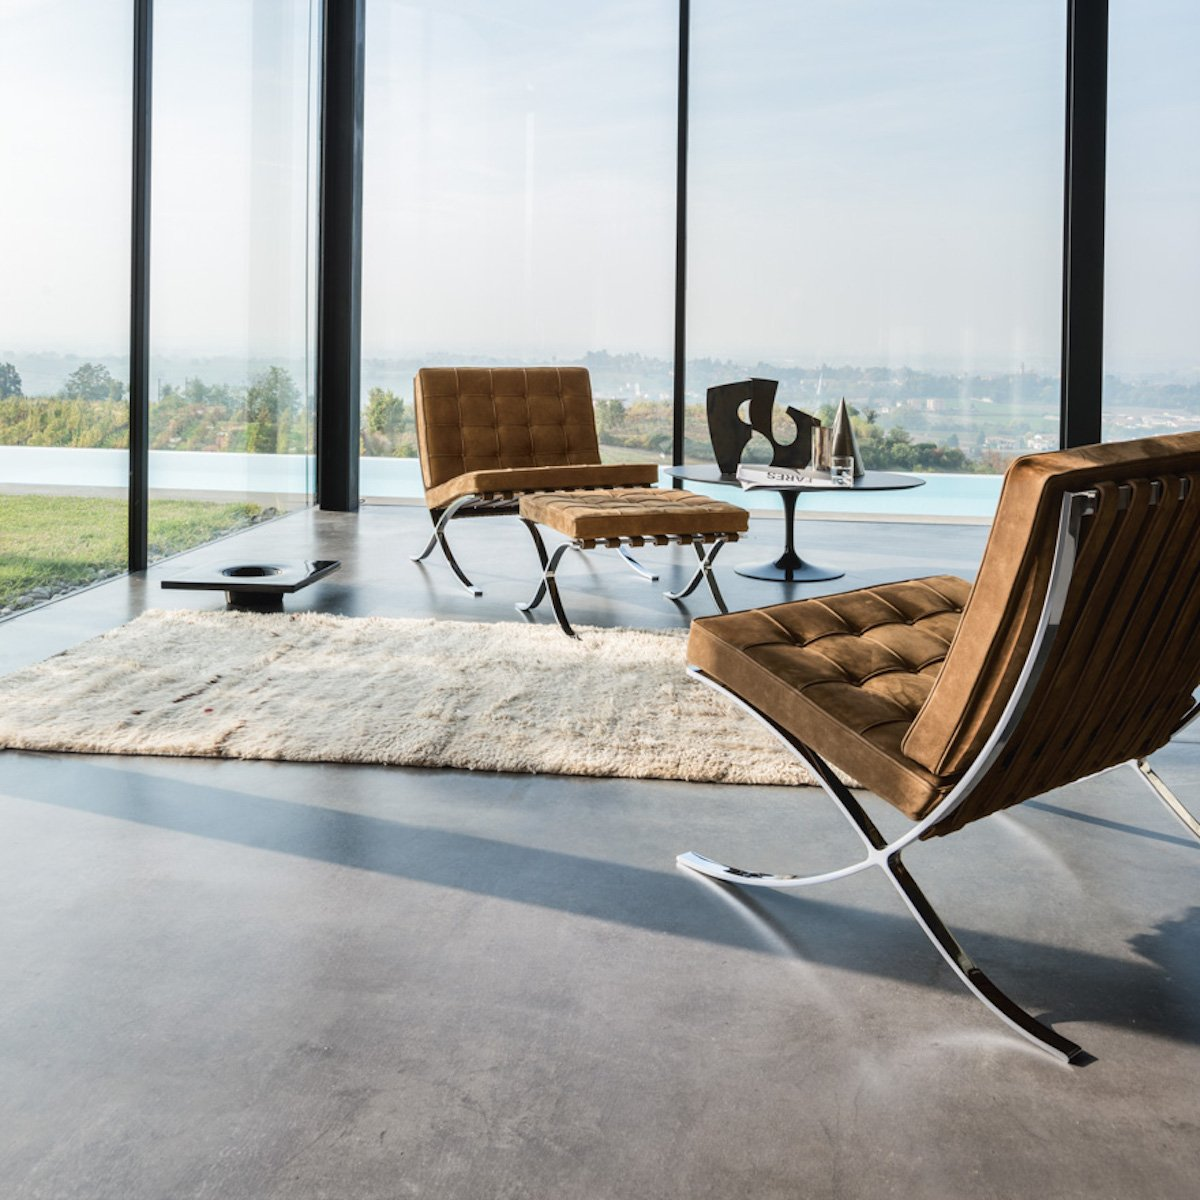 fauteuil barcelona design daim marron tapis moumoute table tulipe noir - blog déco - clematc